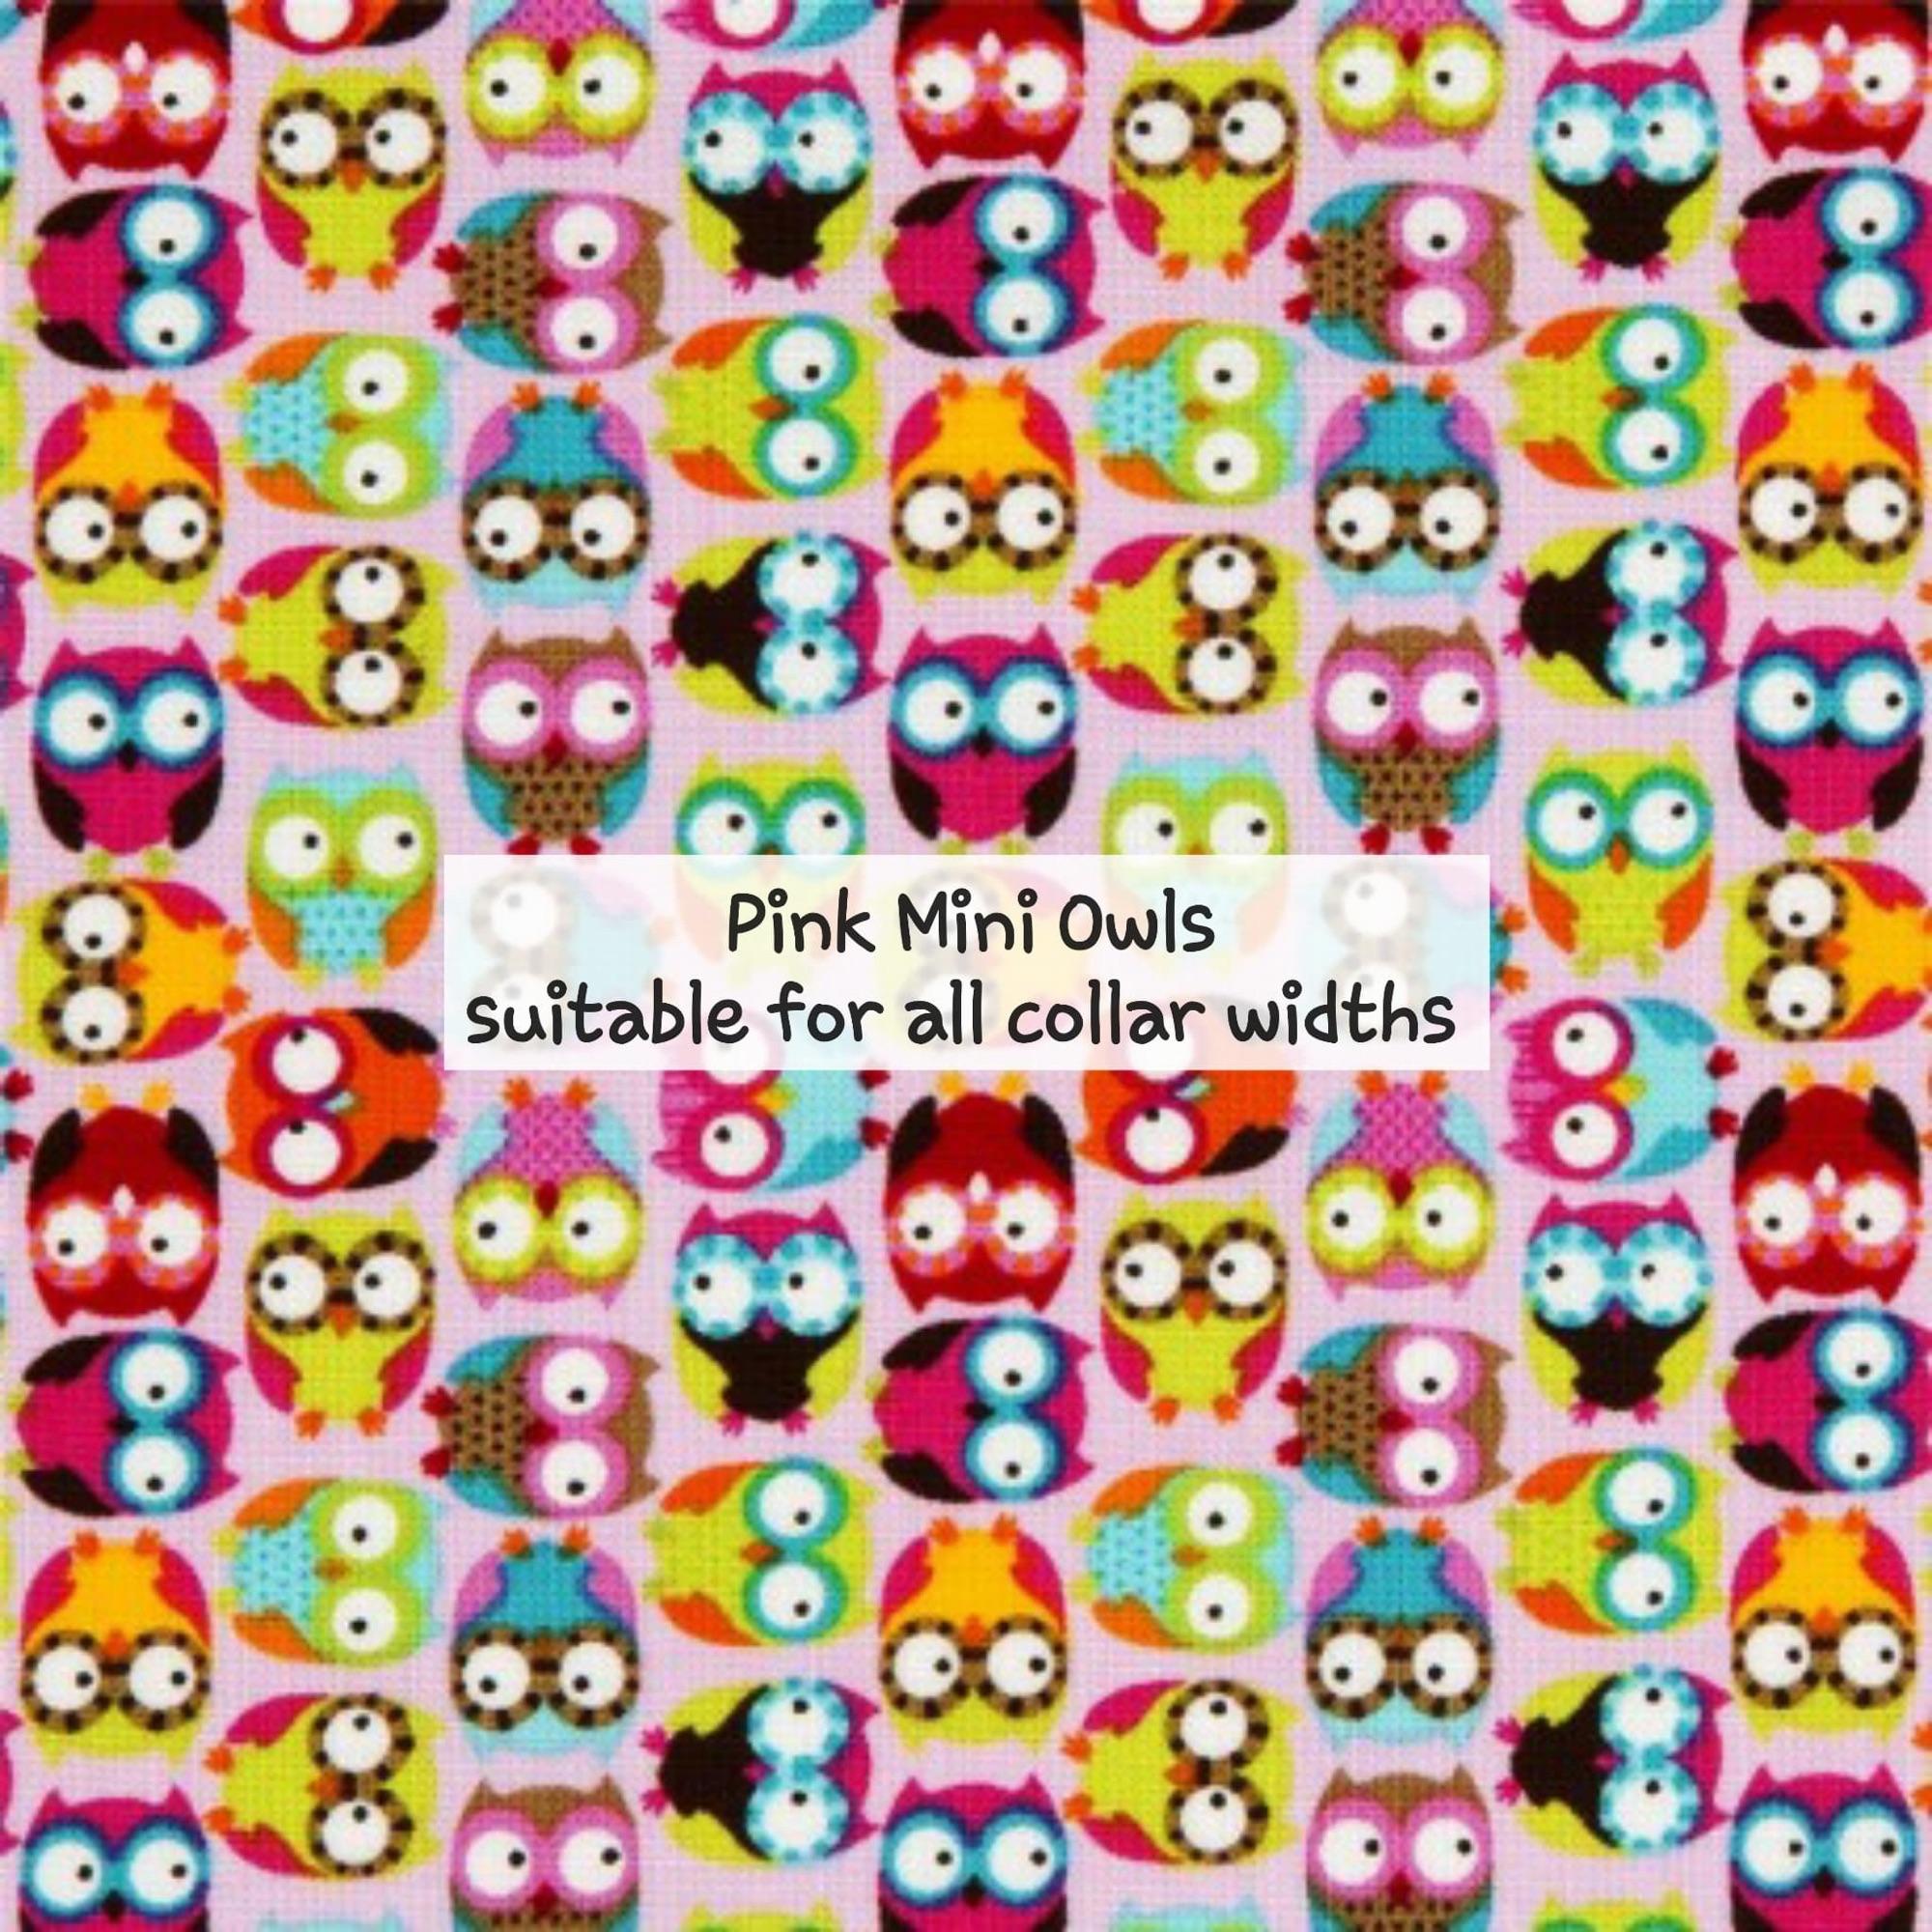 pink mini owls